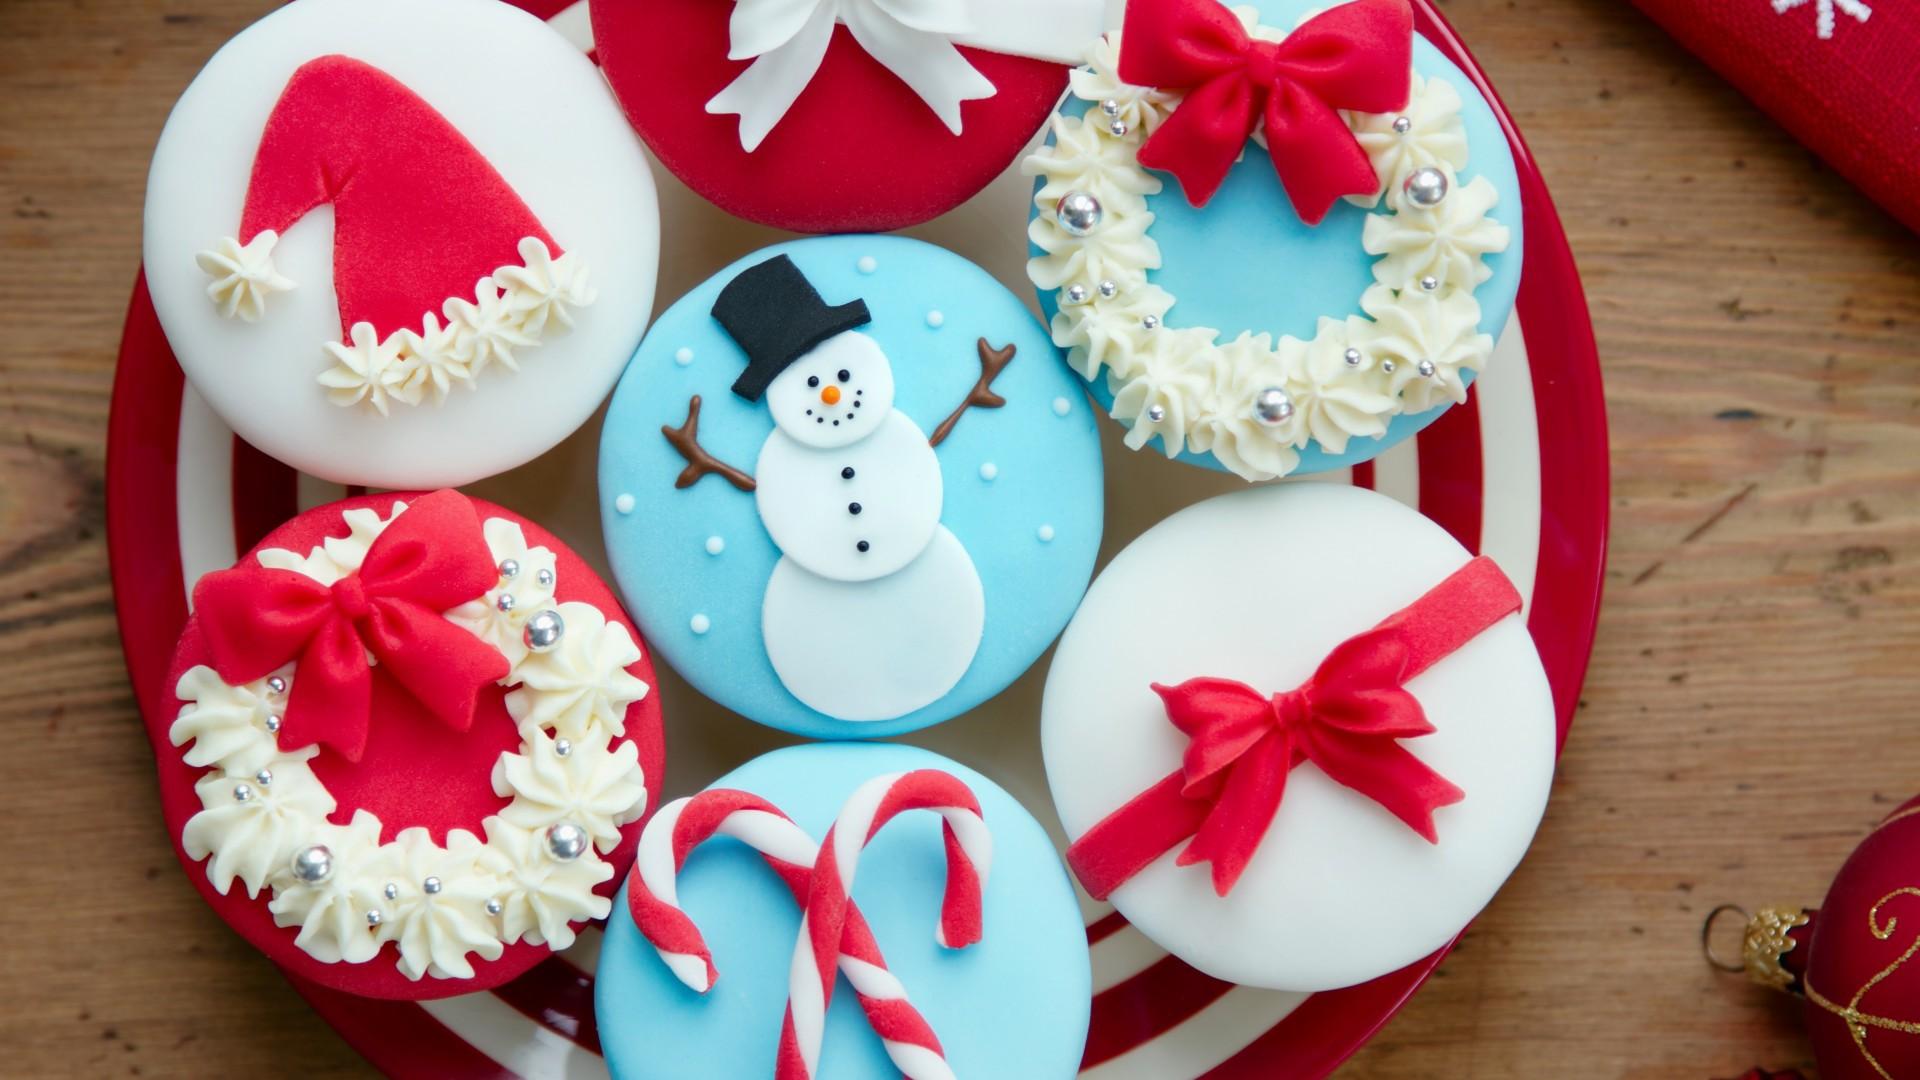 Christmas Cookies Wallpaper.Christmas Cookies Wallpapers And Images Wallpapers